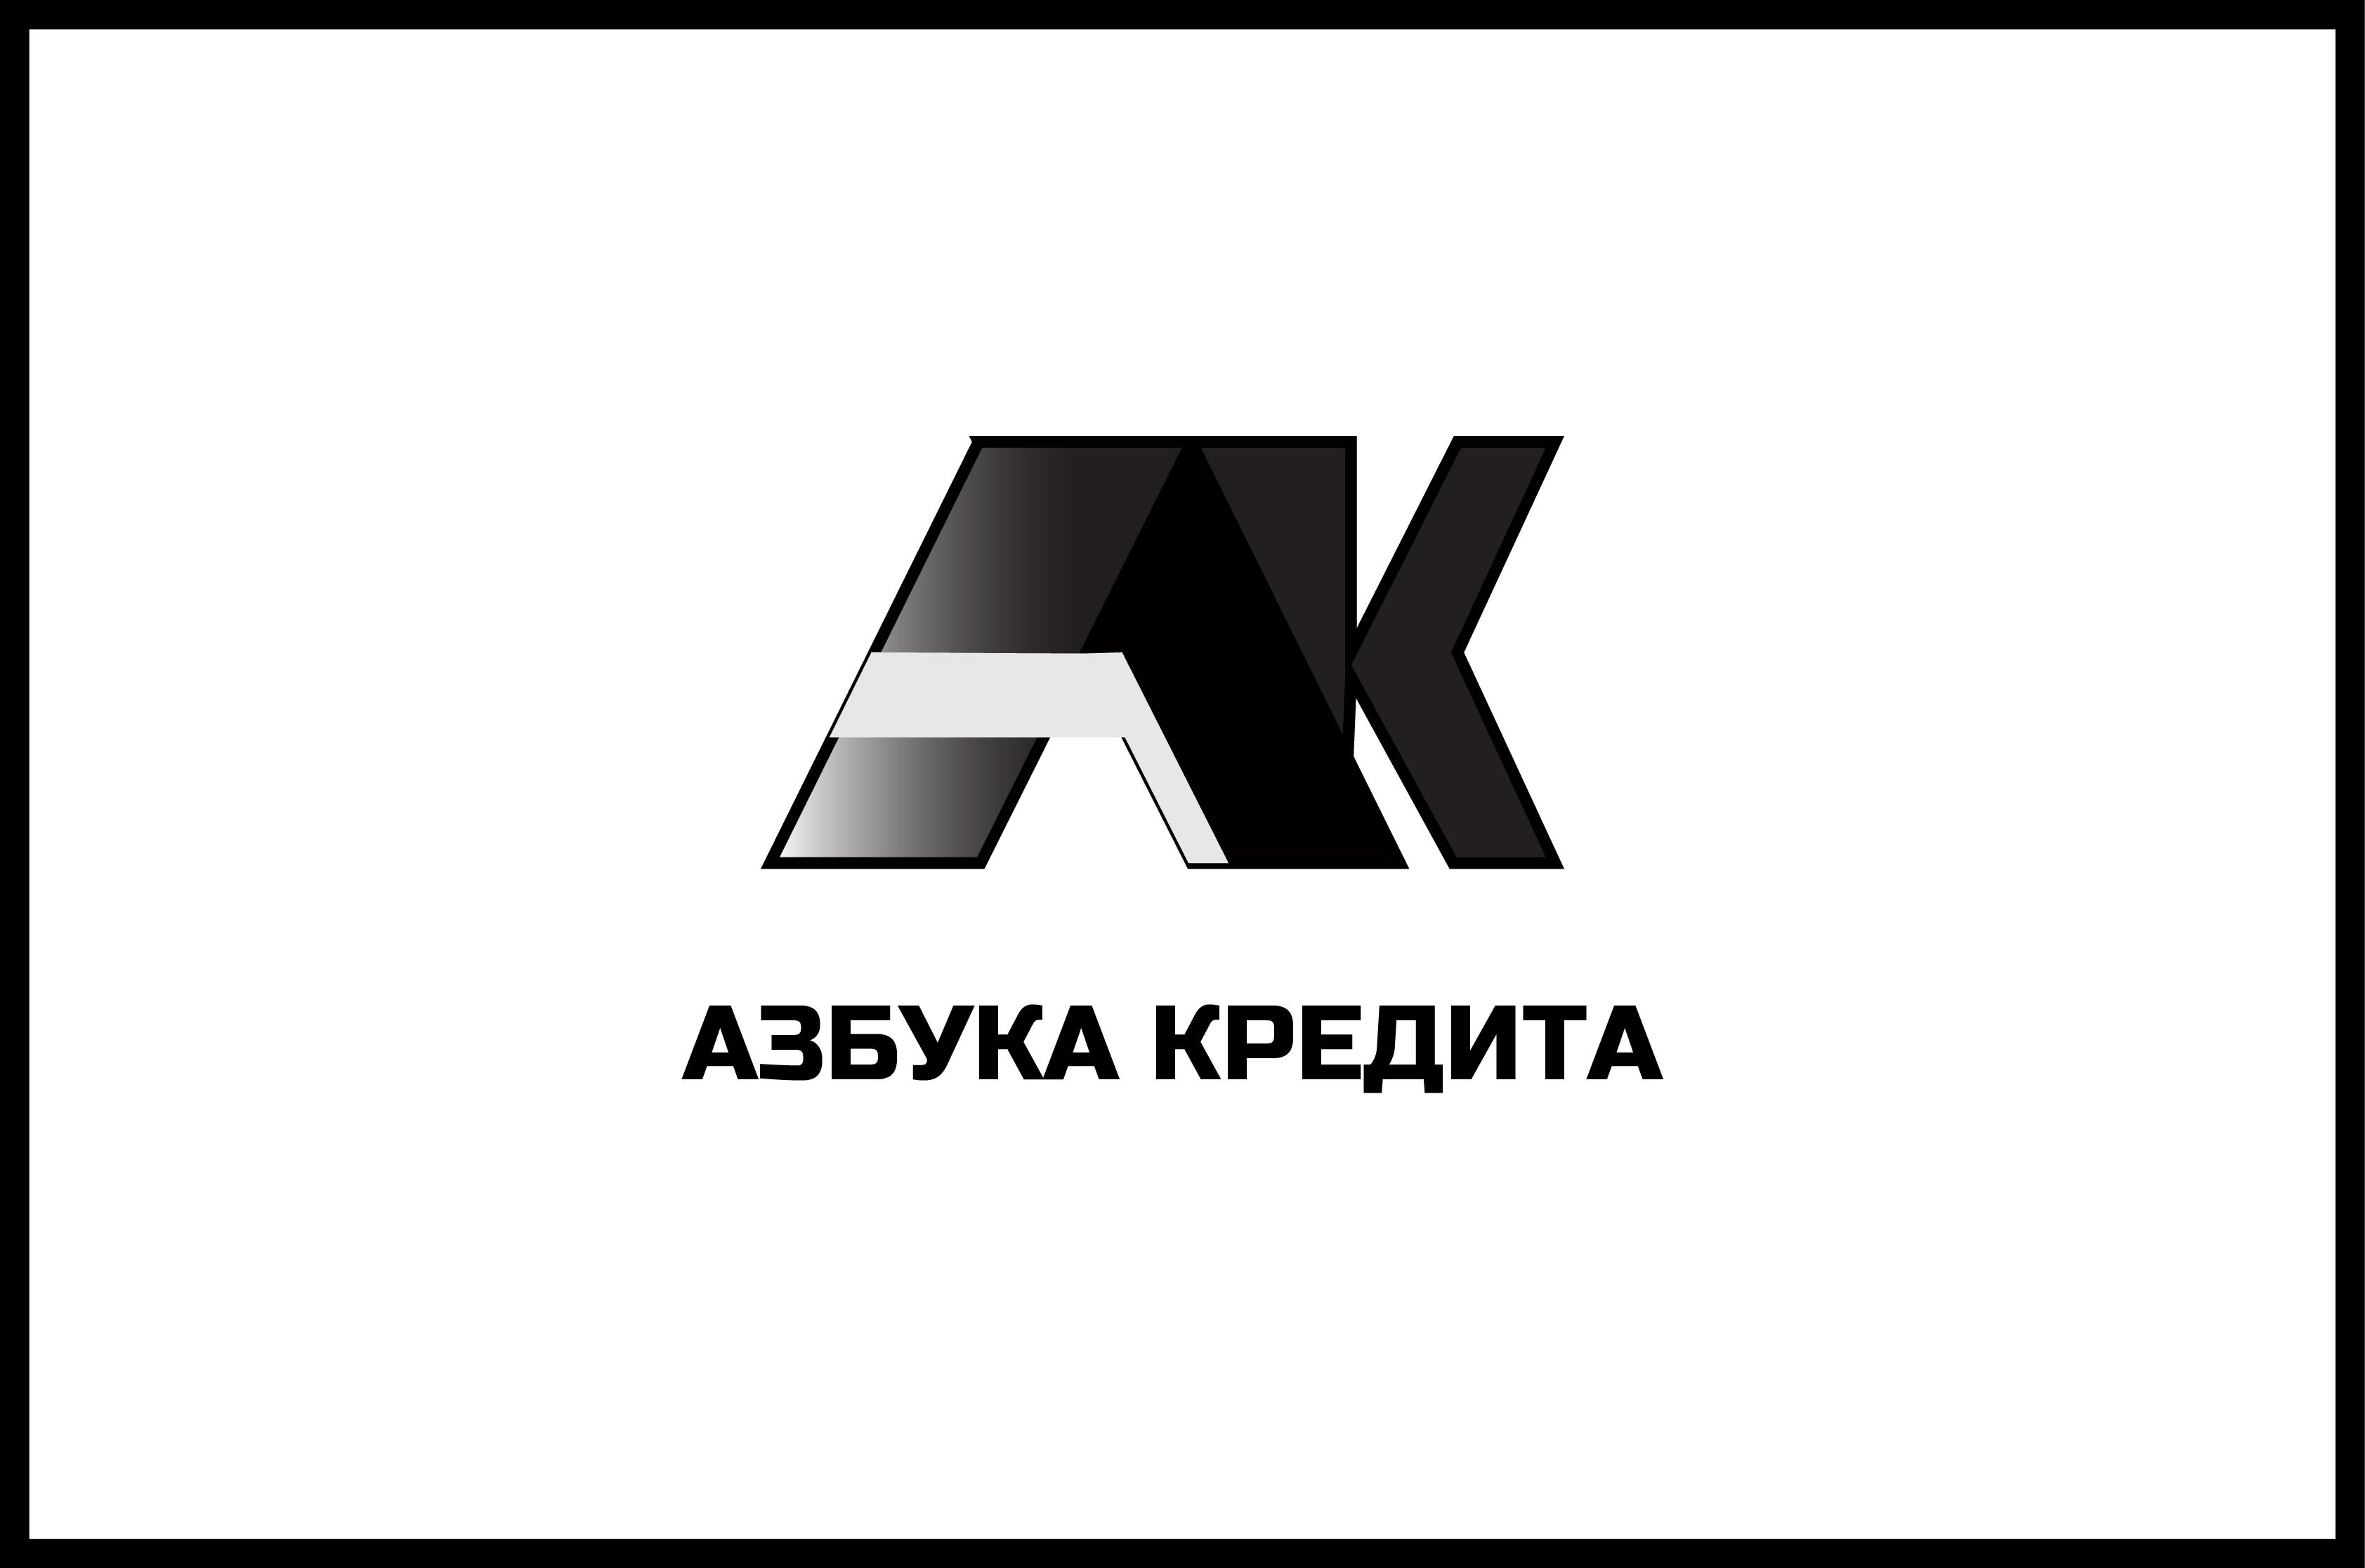 Разработать логотип для финансовой компании фото f_5725de8dce89c07d.jpg